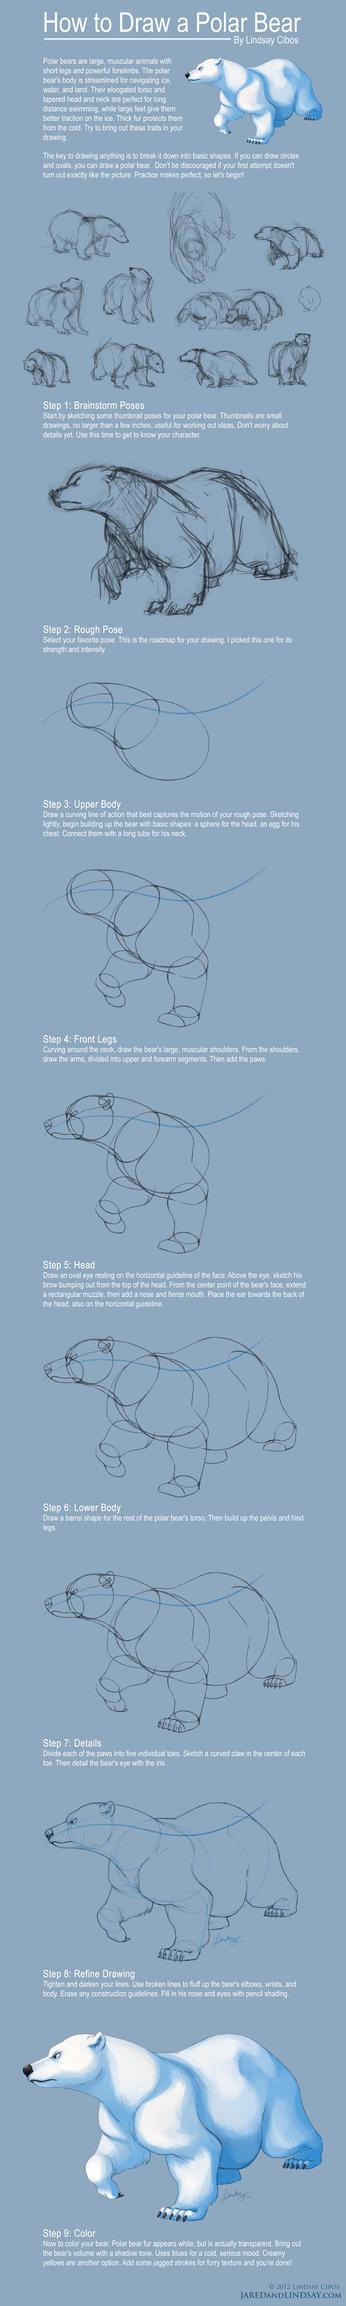 How to Draw a Polar Bear by LCibos